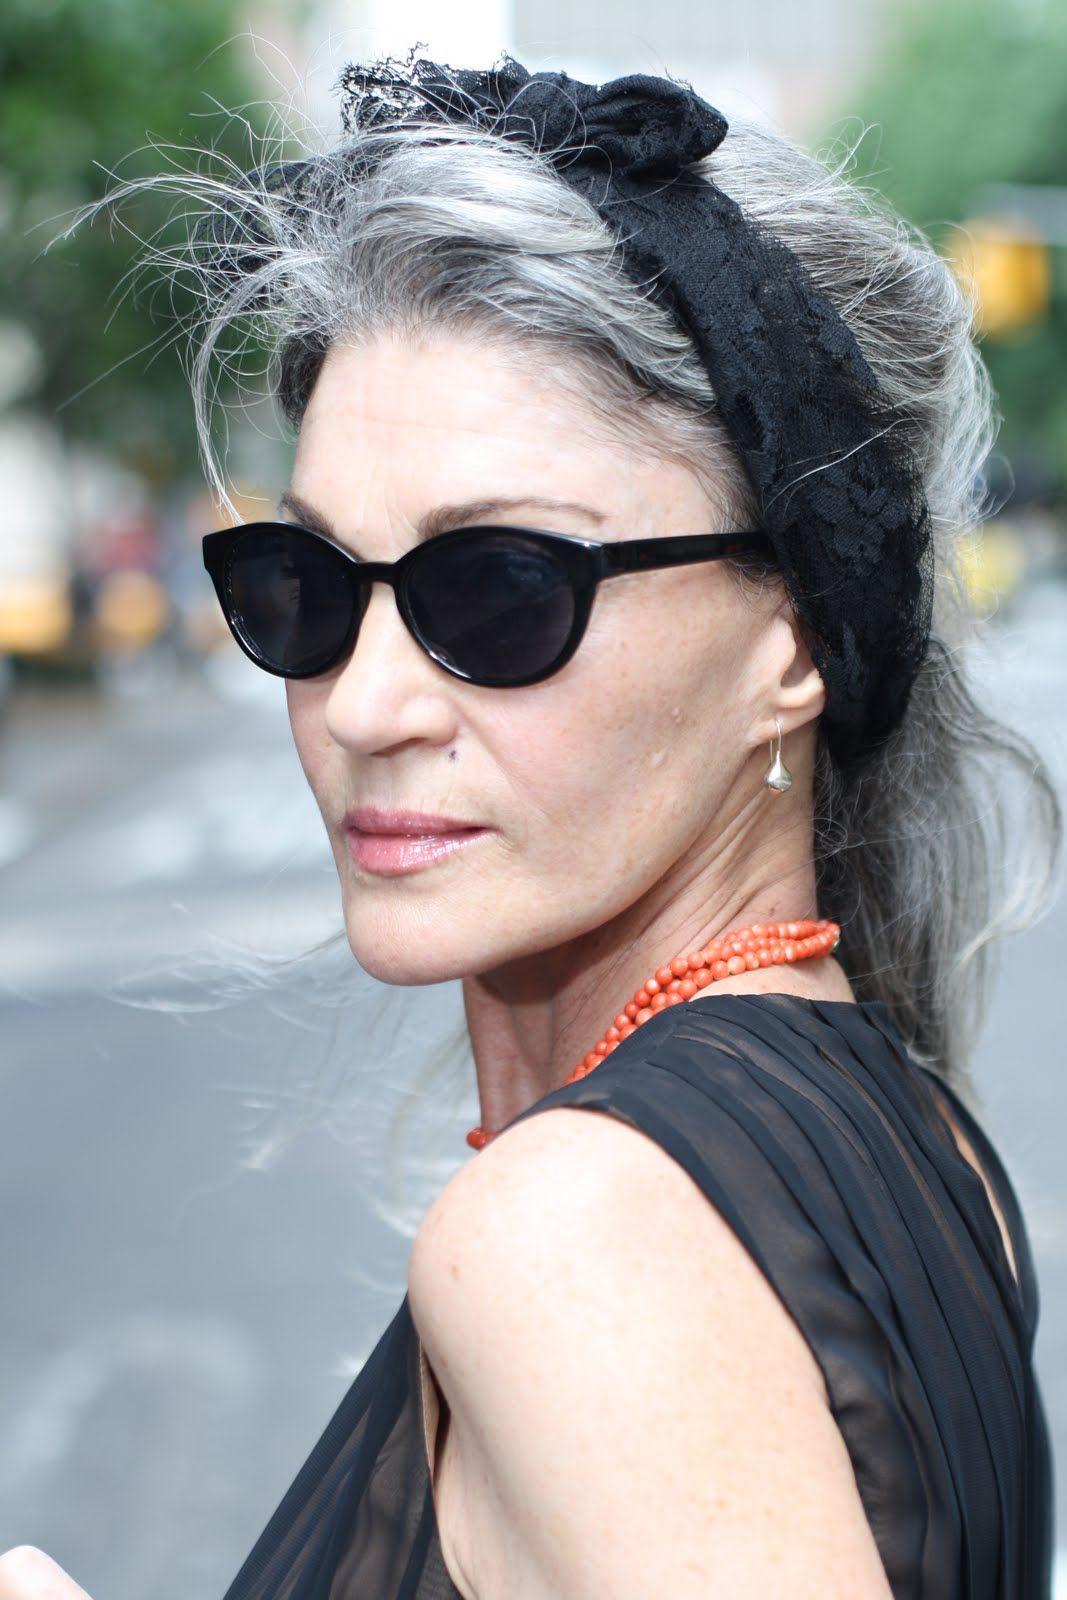 The Glamorous Advanced Style Ladies Women Beautiful Gray Hair Long Gray Hair Advanced Style